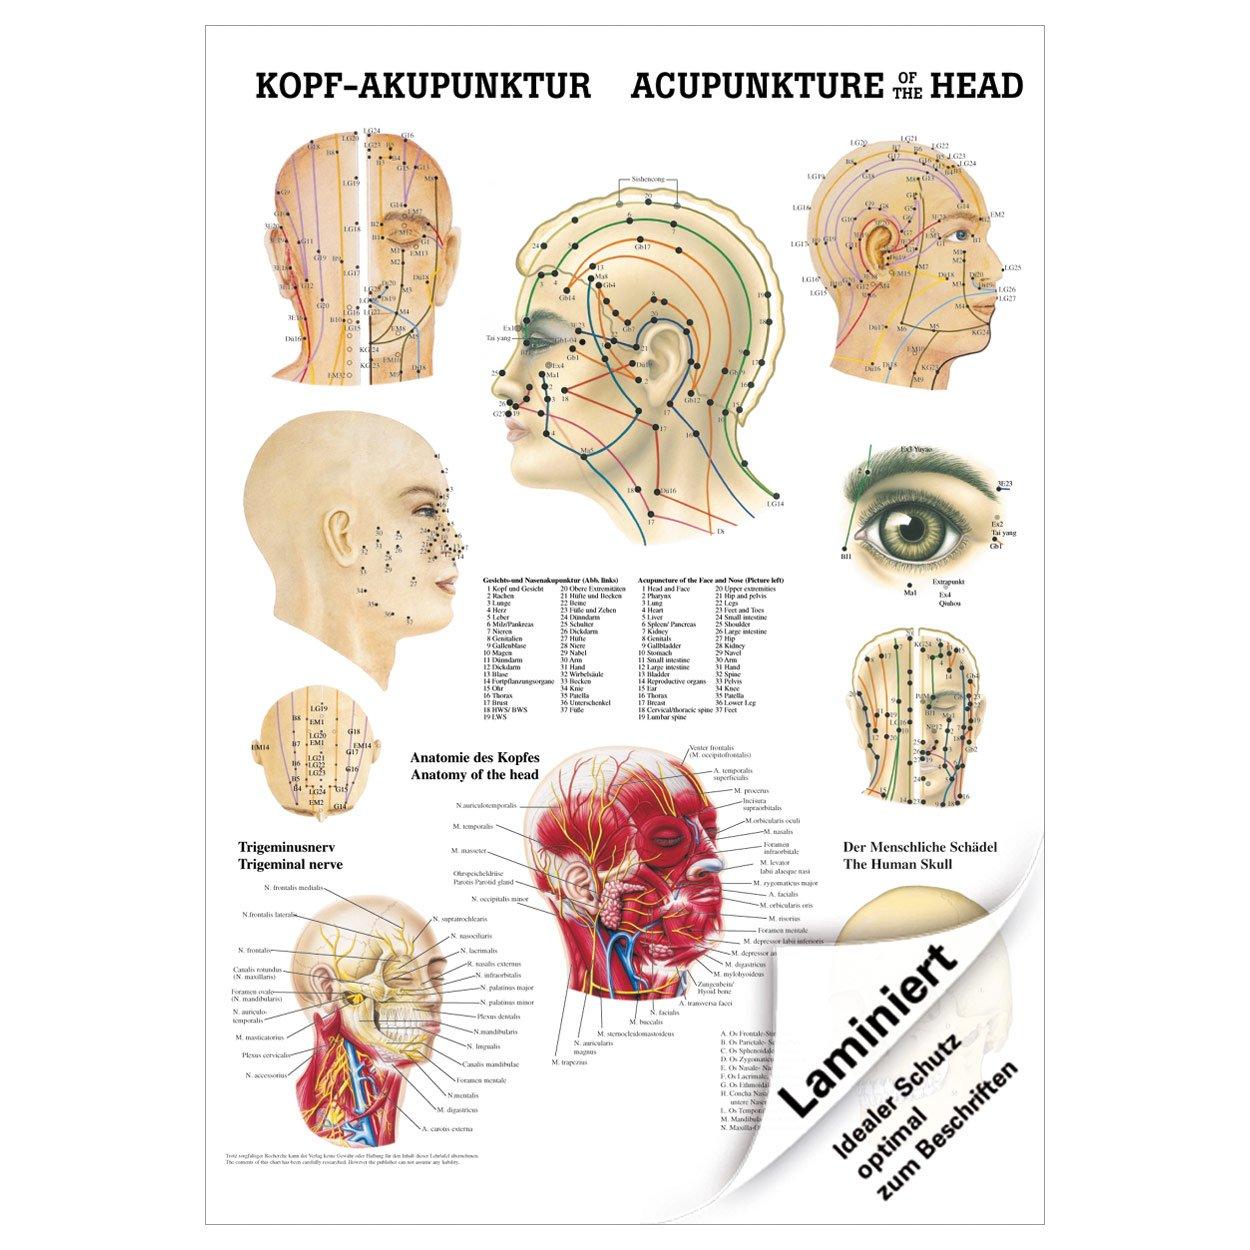 Charmant Die Anatomie Des Kopfes Fotos - Menschliche Anatomie Bilder ...